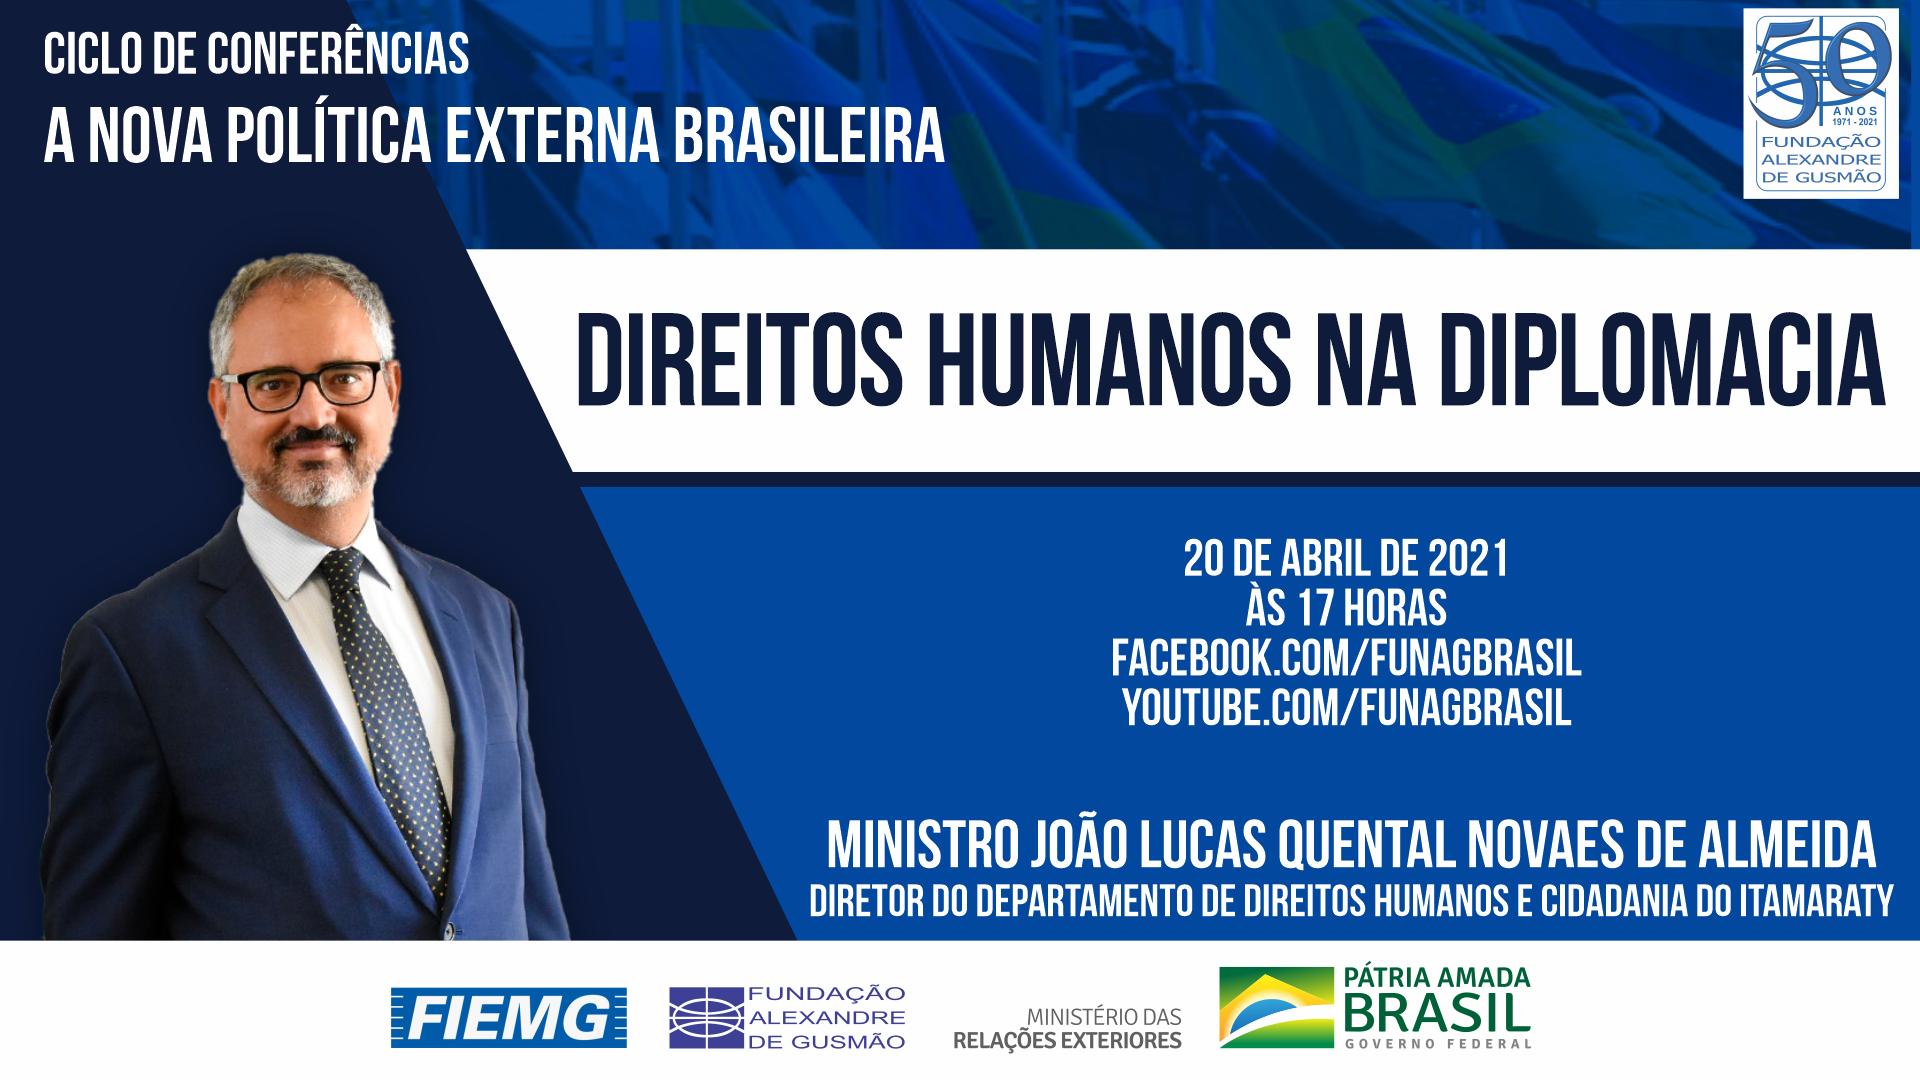 FUNAG promueve conferencia del Director del Departamento de Derechos Humanos y Ciudadanía de Itamaraty